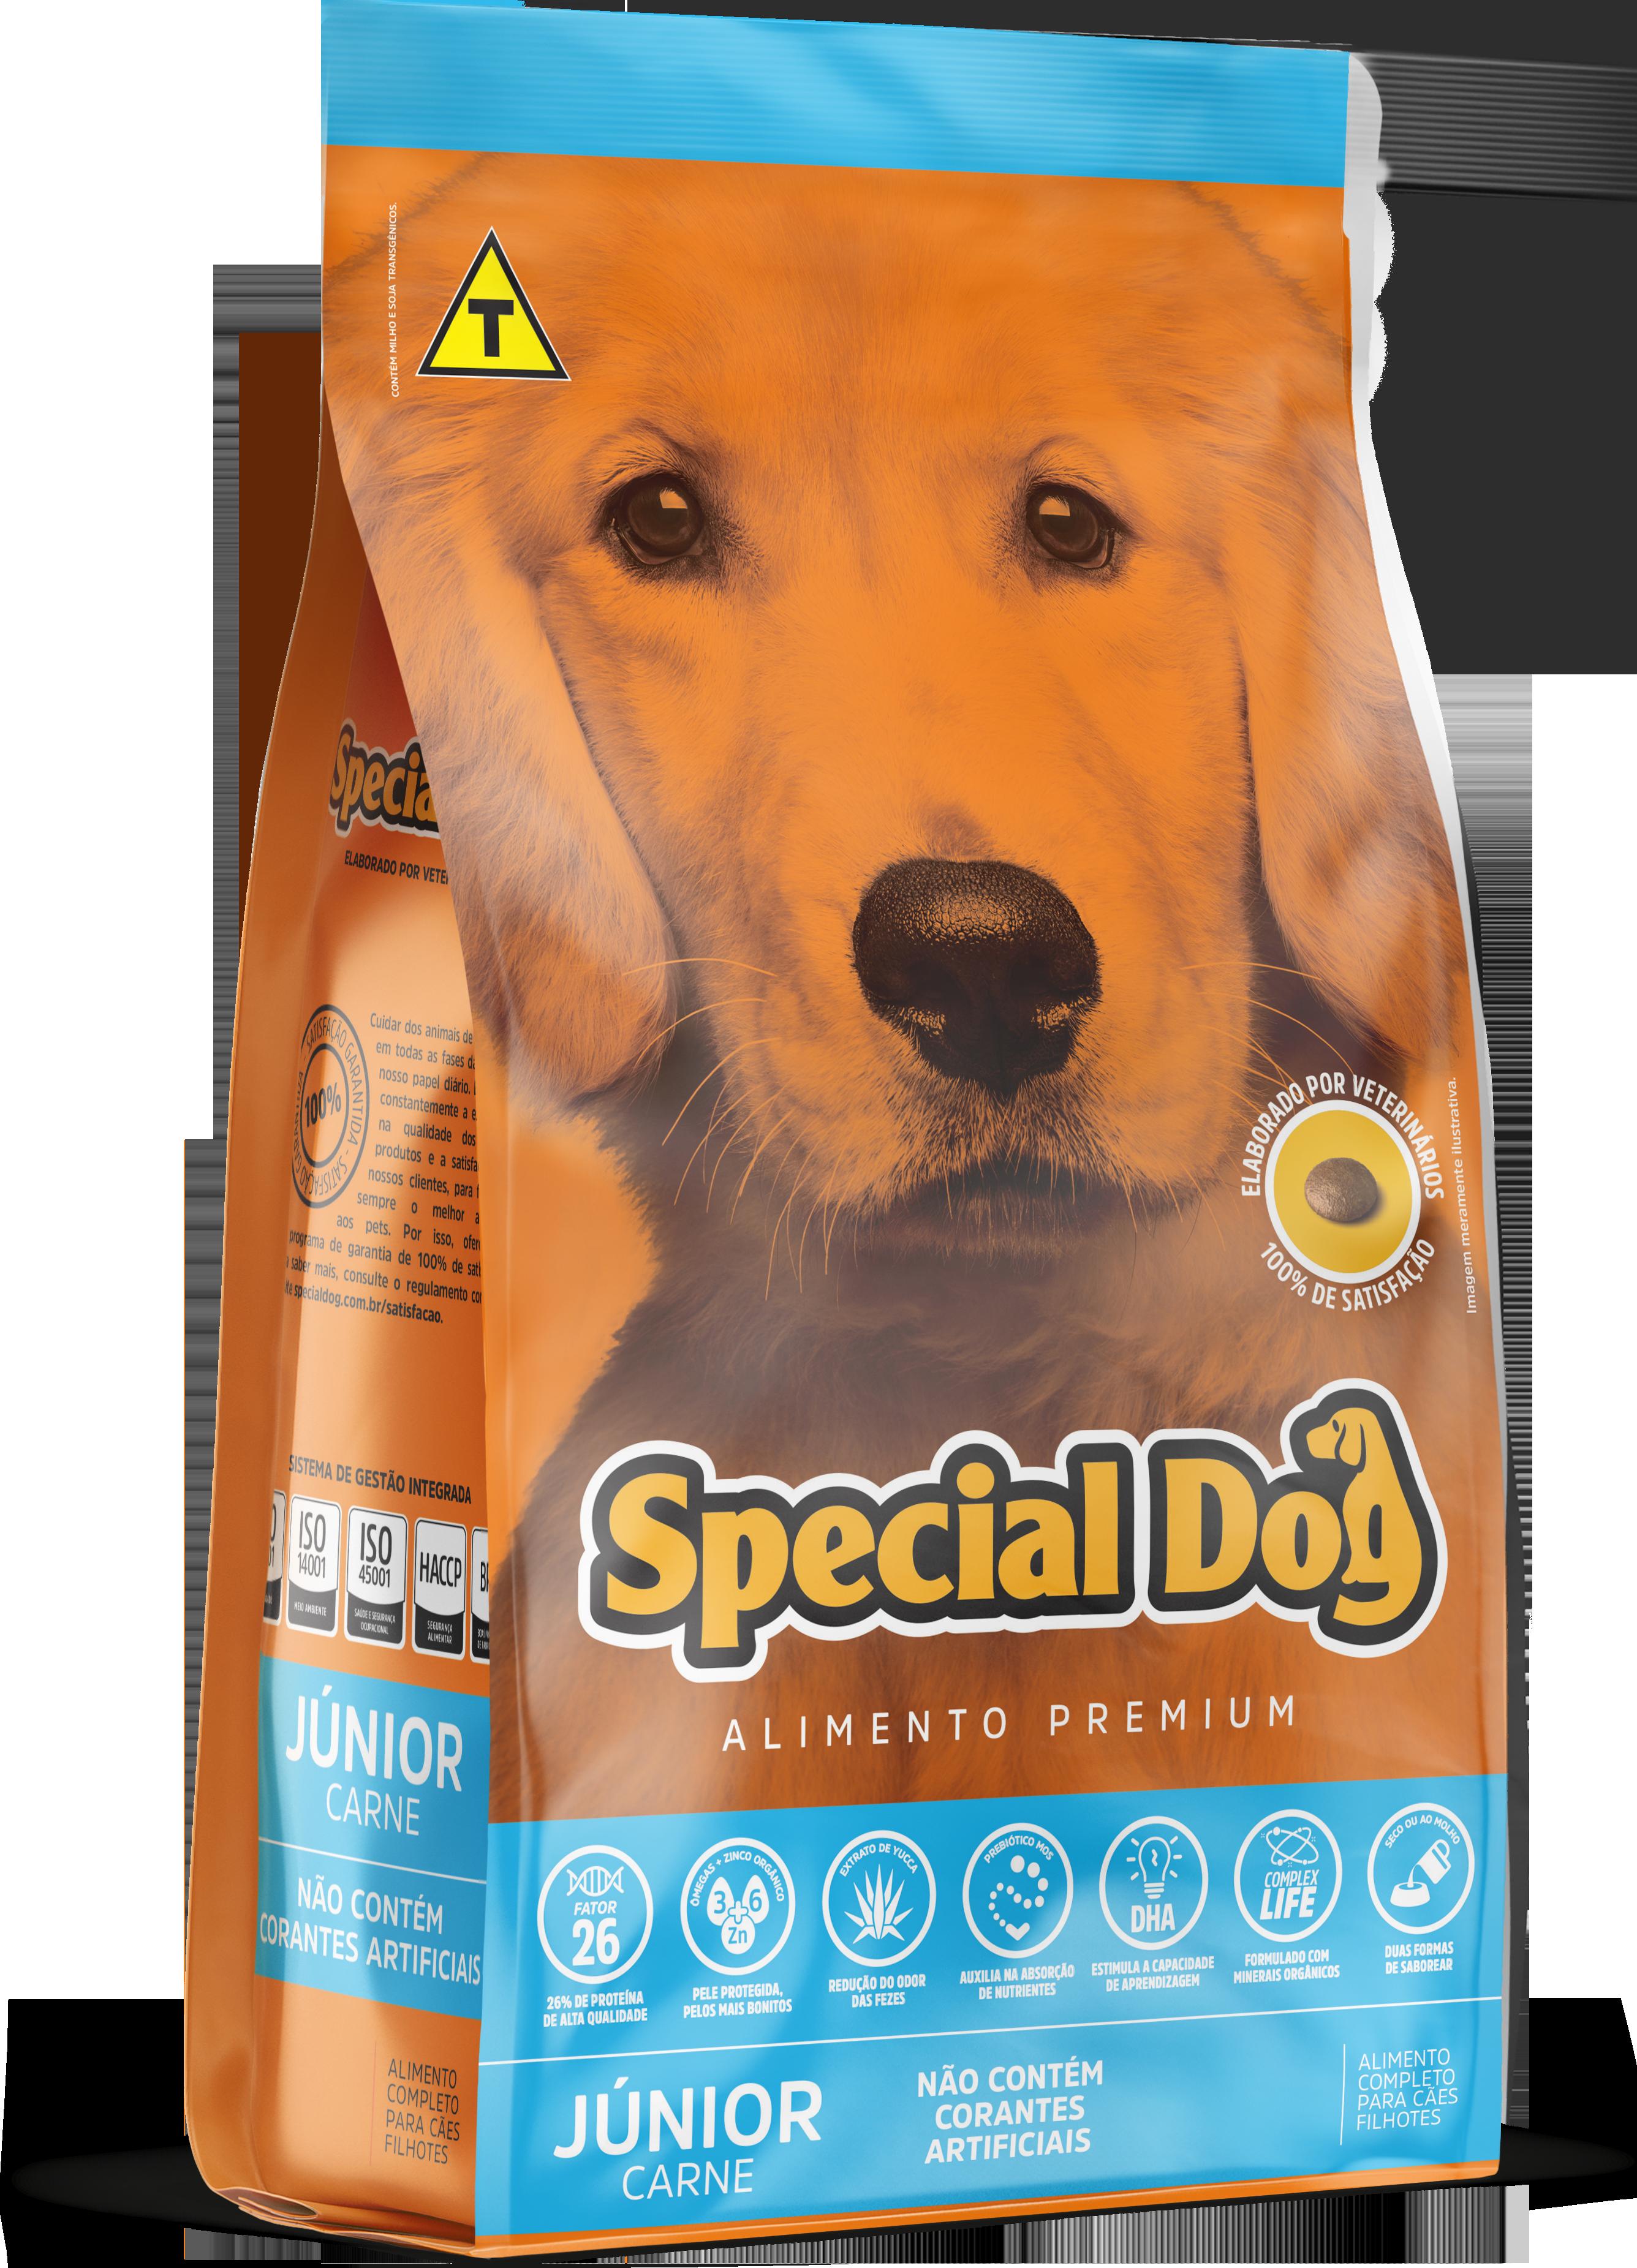 SPECIAL DOG JÚNIOR CARNE